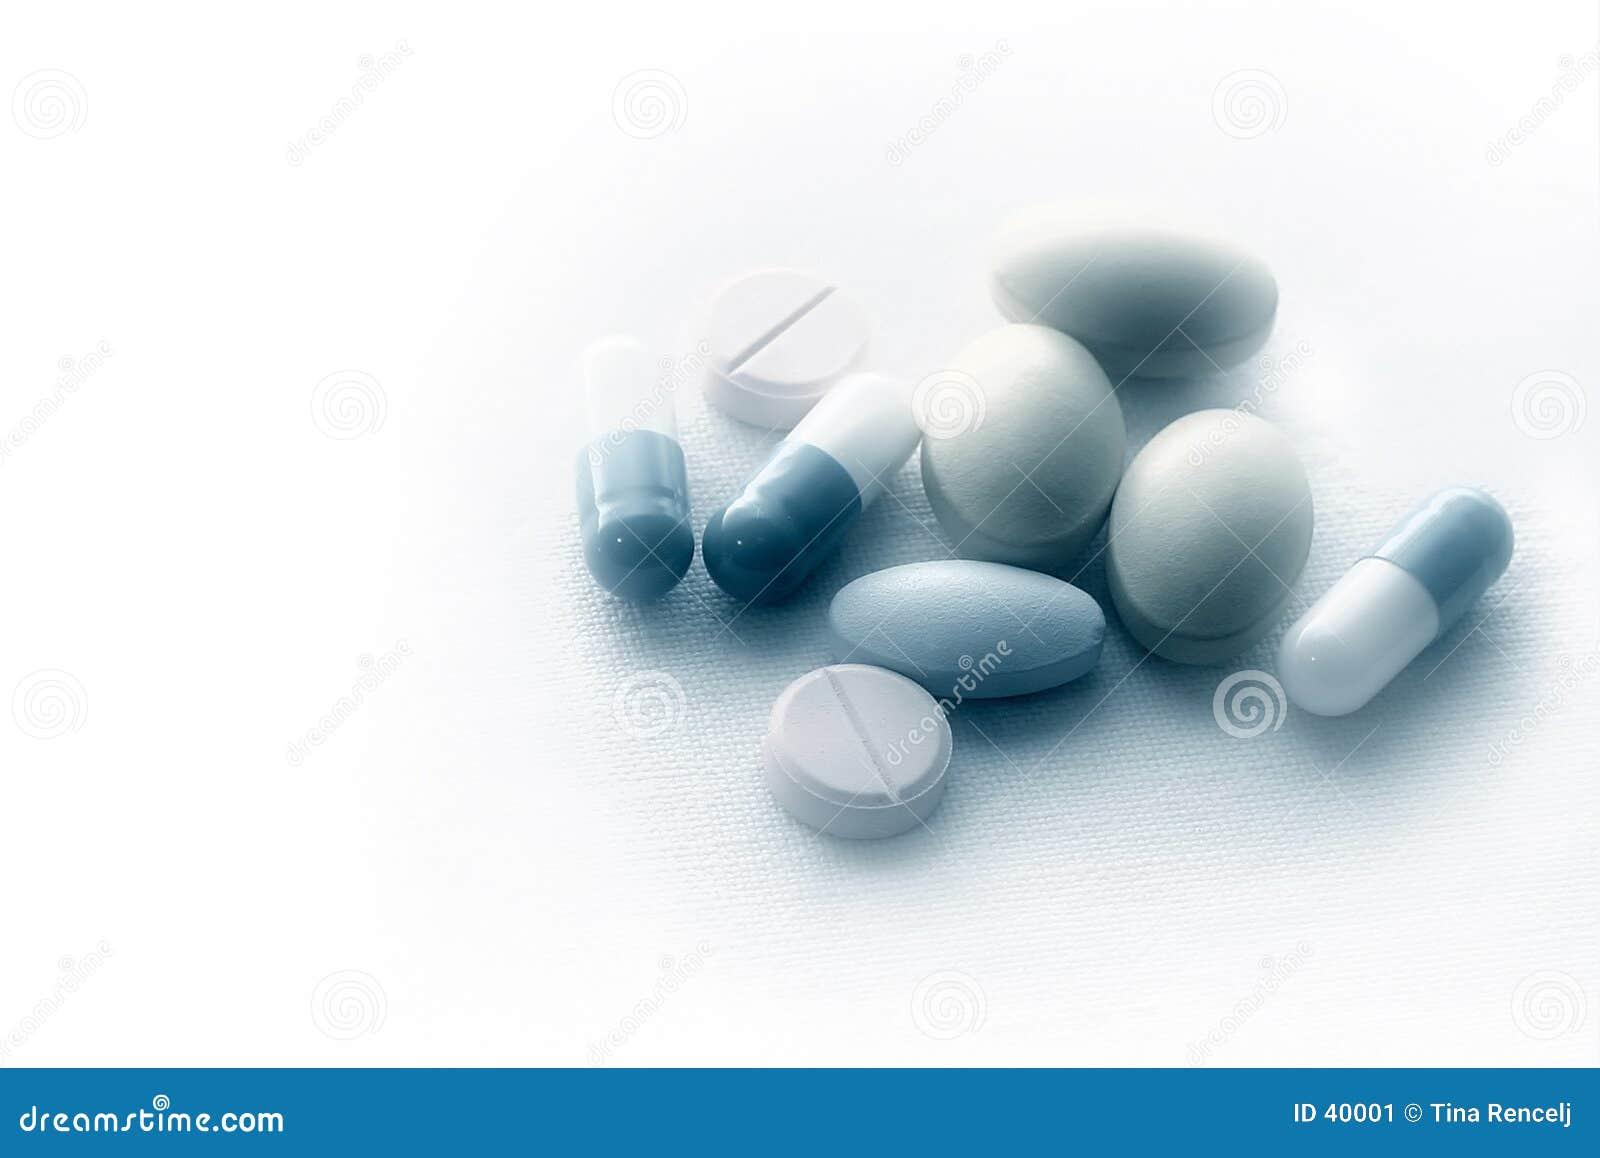 χάπια υφασμάτων αποστειρωμένα